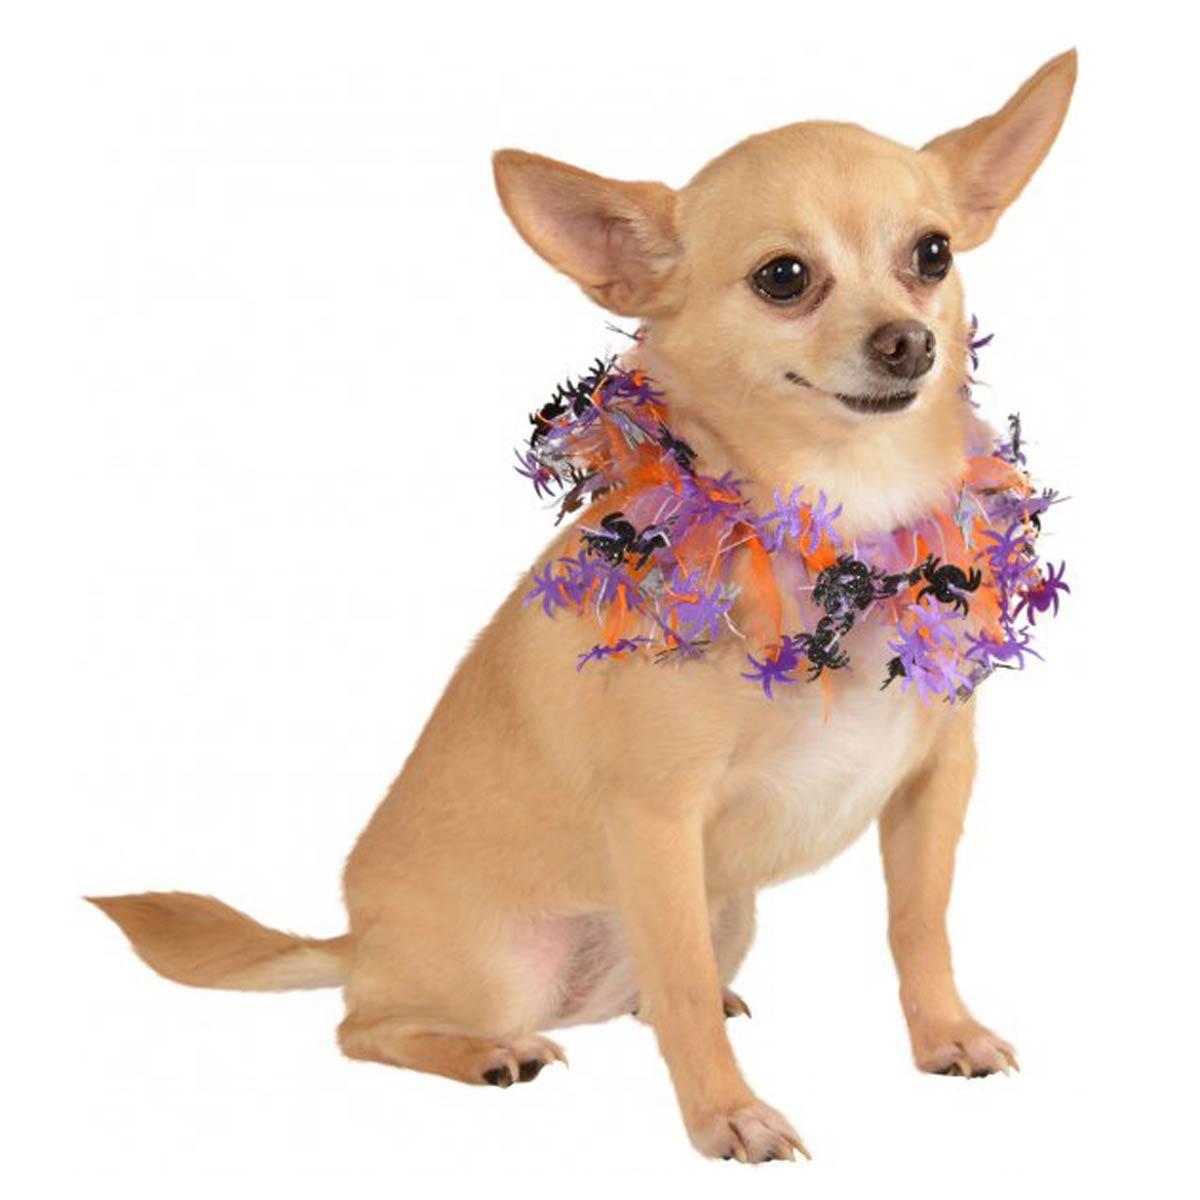 Spiders Short Fancy Dog Collar Scrunchie - Purple and Orange